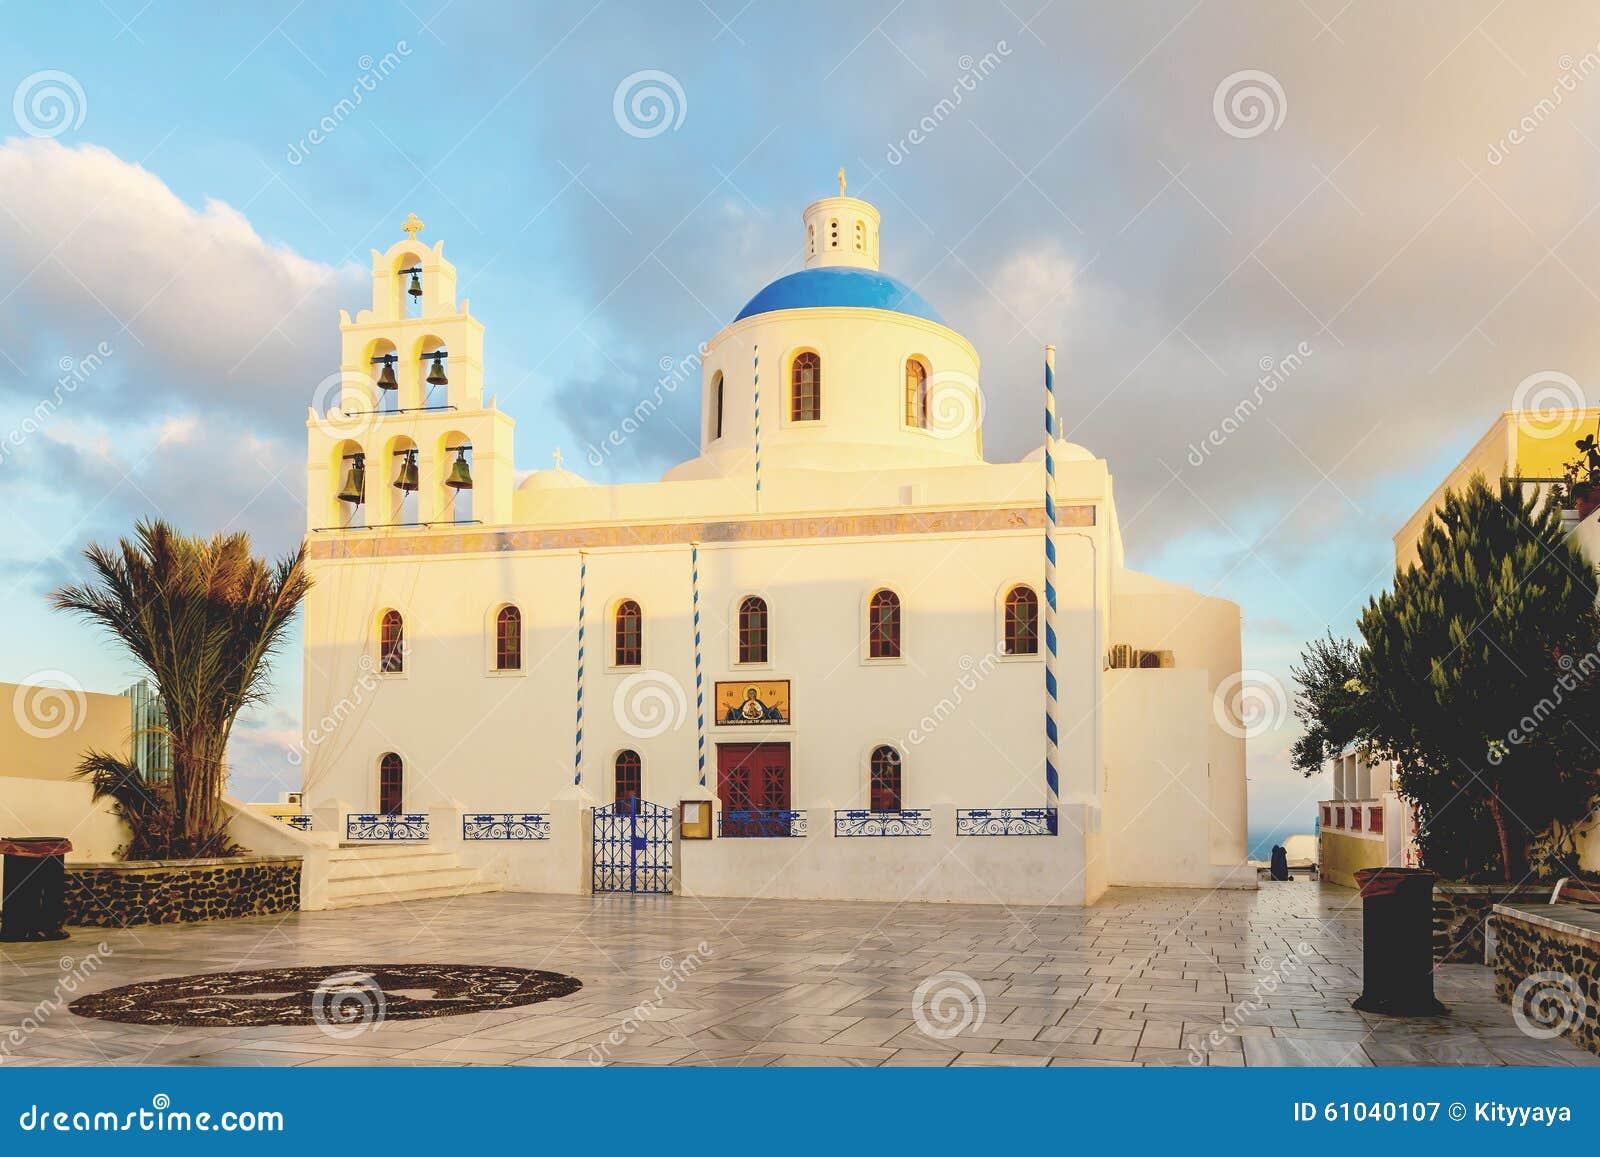 Chiesa e luce solare di mattina immagine stock immagine - Specchi riflettenti luce solare ...